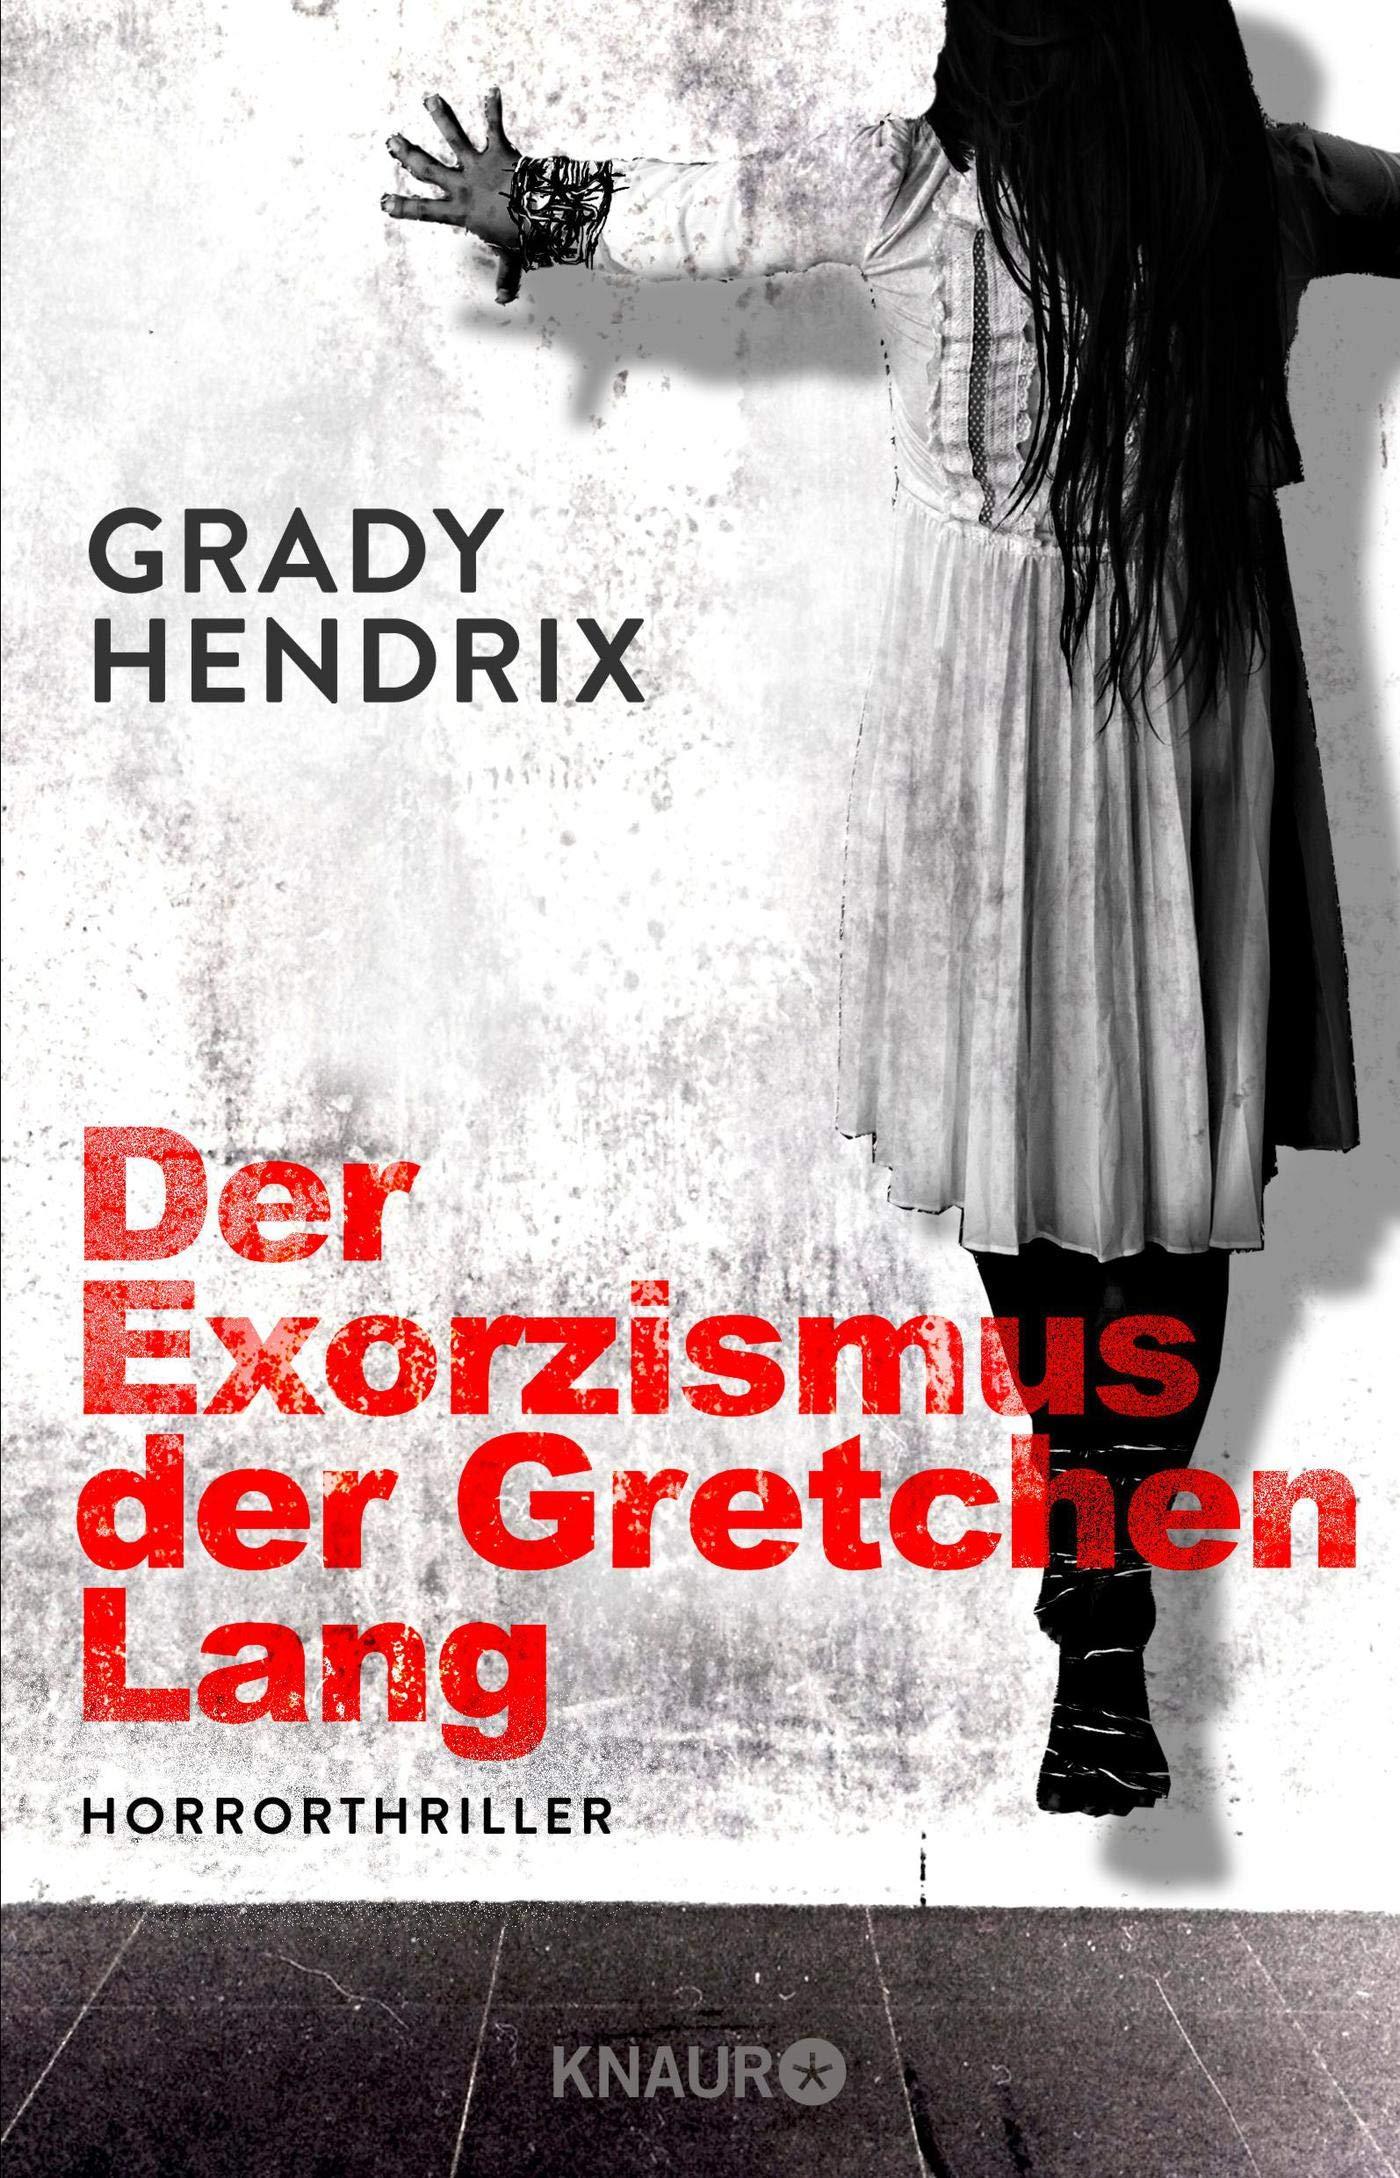 Der Exorzismus der Gretchen Lang: Horrorthriller Broschiert – 1. März 2019 Grady Hendrix Jakob Schmidt Knaur HC 3426226901